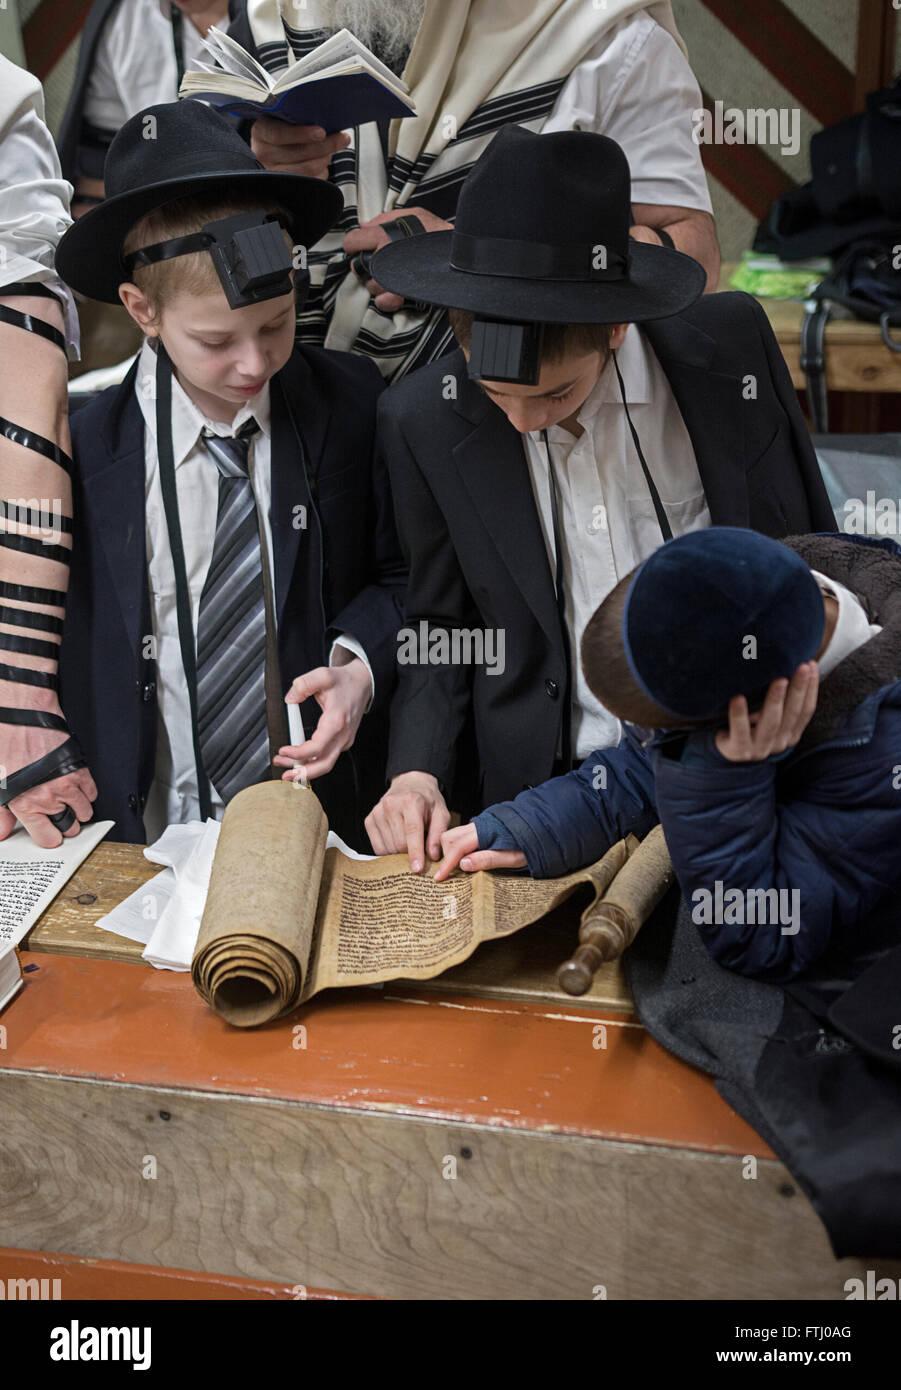 Los adolescentes judíos religiosos escuchar la lectura de la Megillah en Purim en una sinagoga en Brooklyn, Imagen De Stock